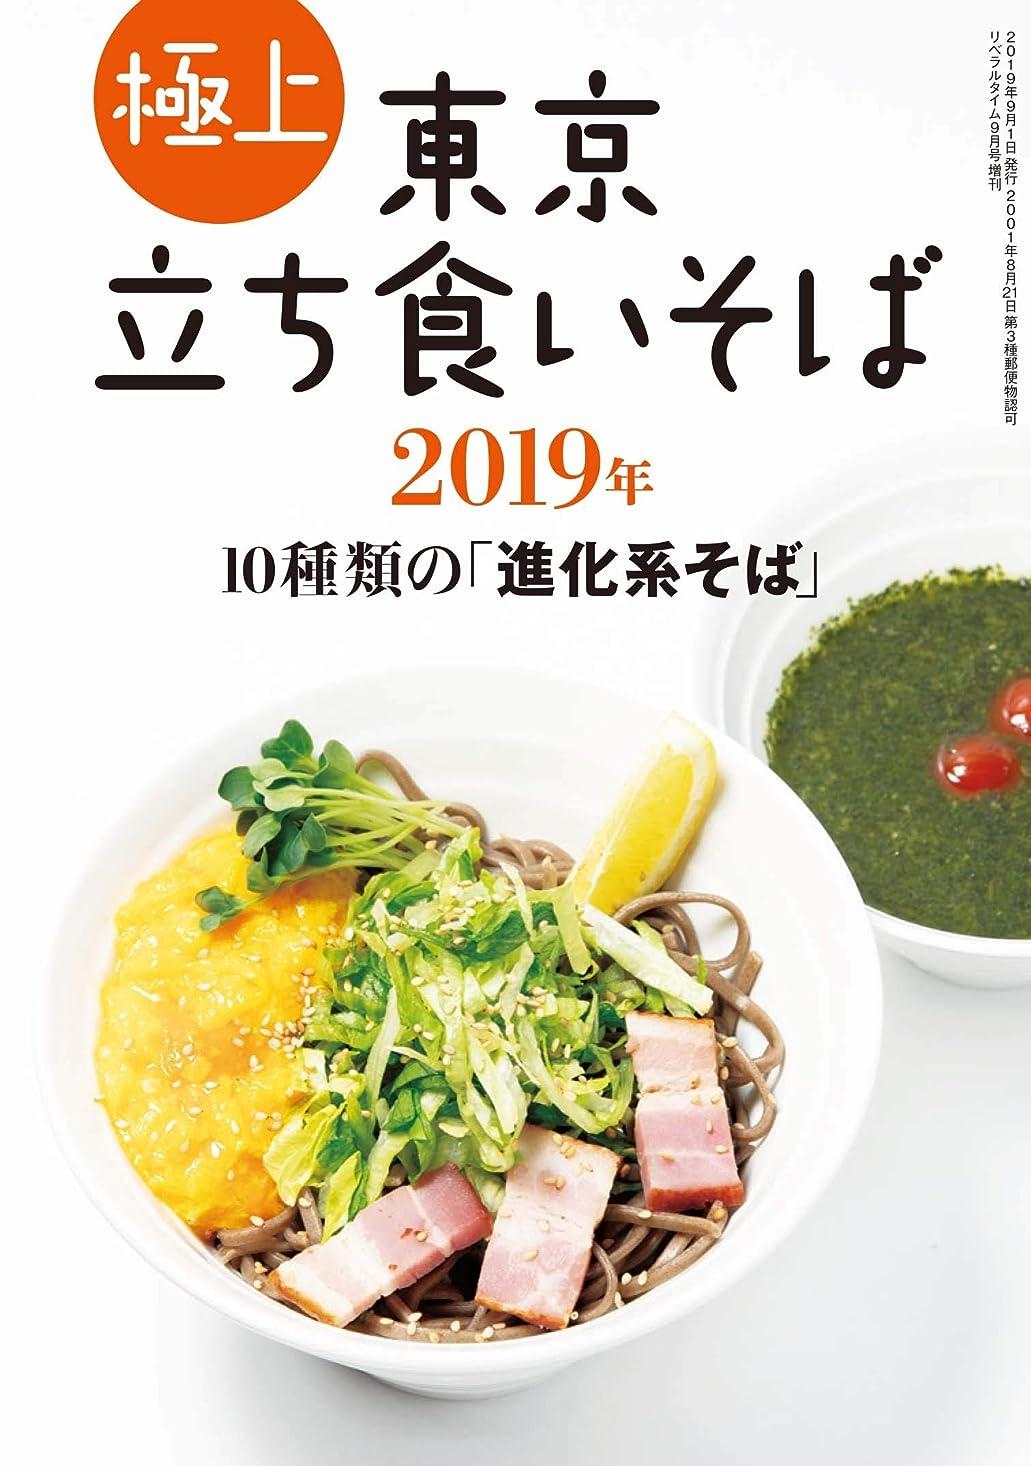 すでにちなみに絶対に極上 東京立ち食いそば2019年 10種類の「進化系そば」 『蕎麦春秋』厳選! 極上 東京立ち食いそば